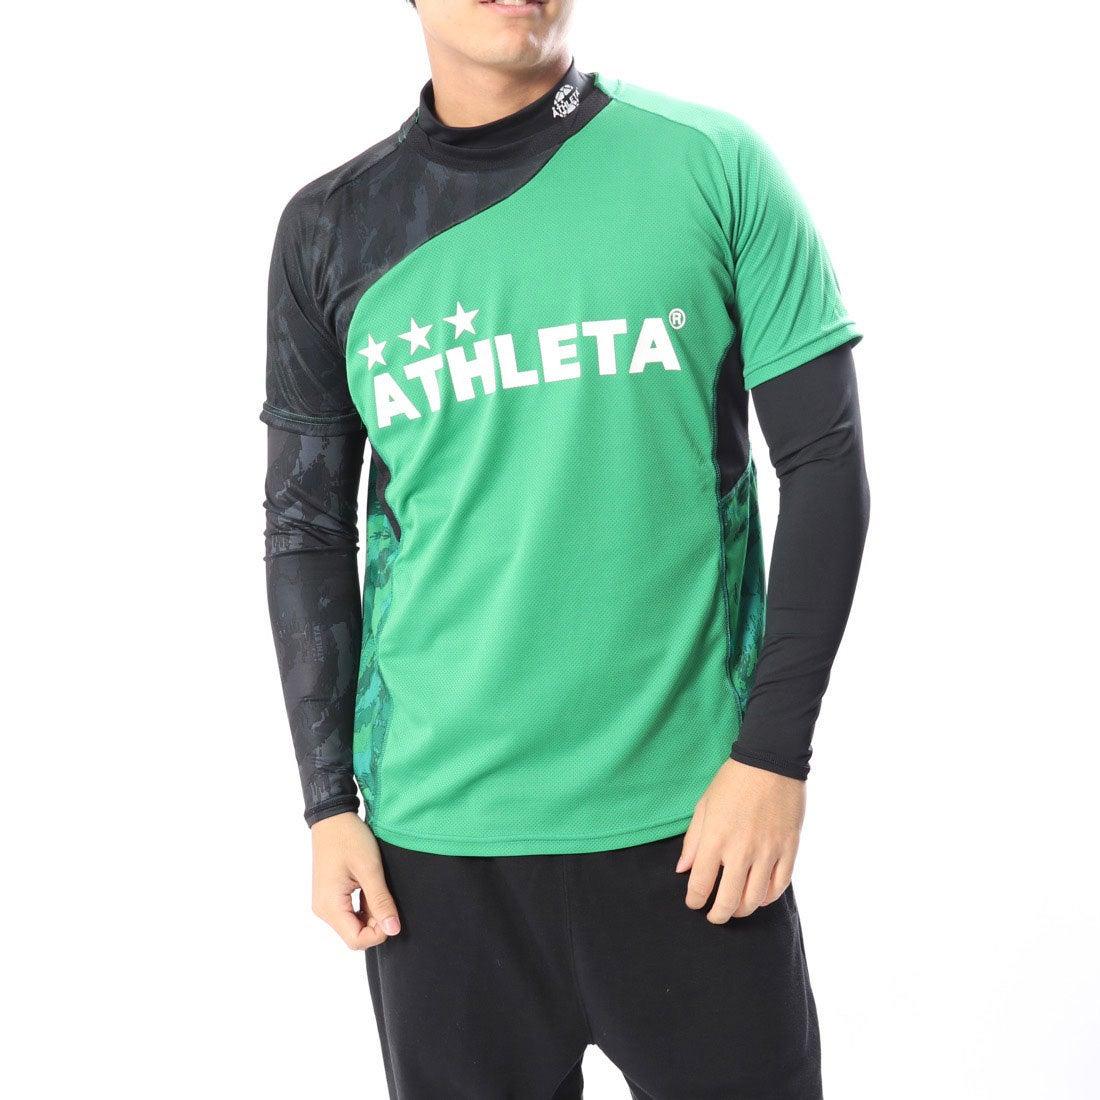 ロコンド 靴とファッションの通販サイトアスレタATHLETAメンズサッカー/フットサルレイヤードシャツプラシャツインナーセット02299